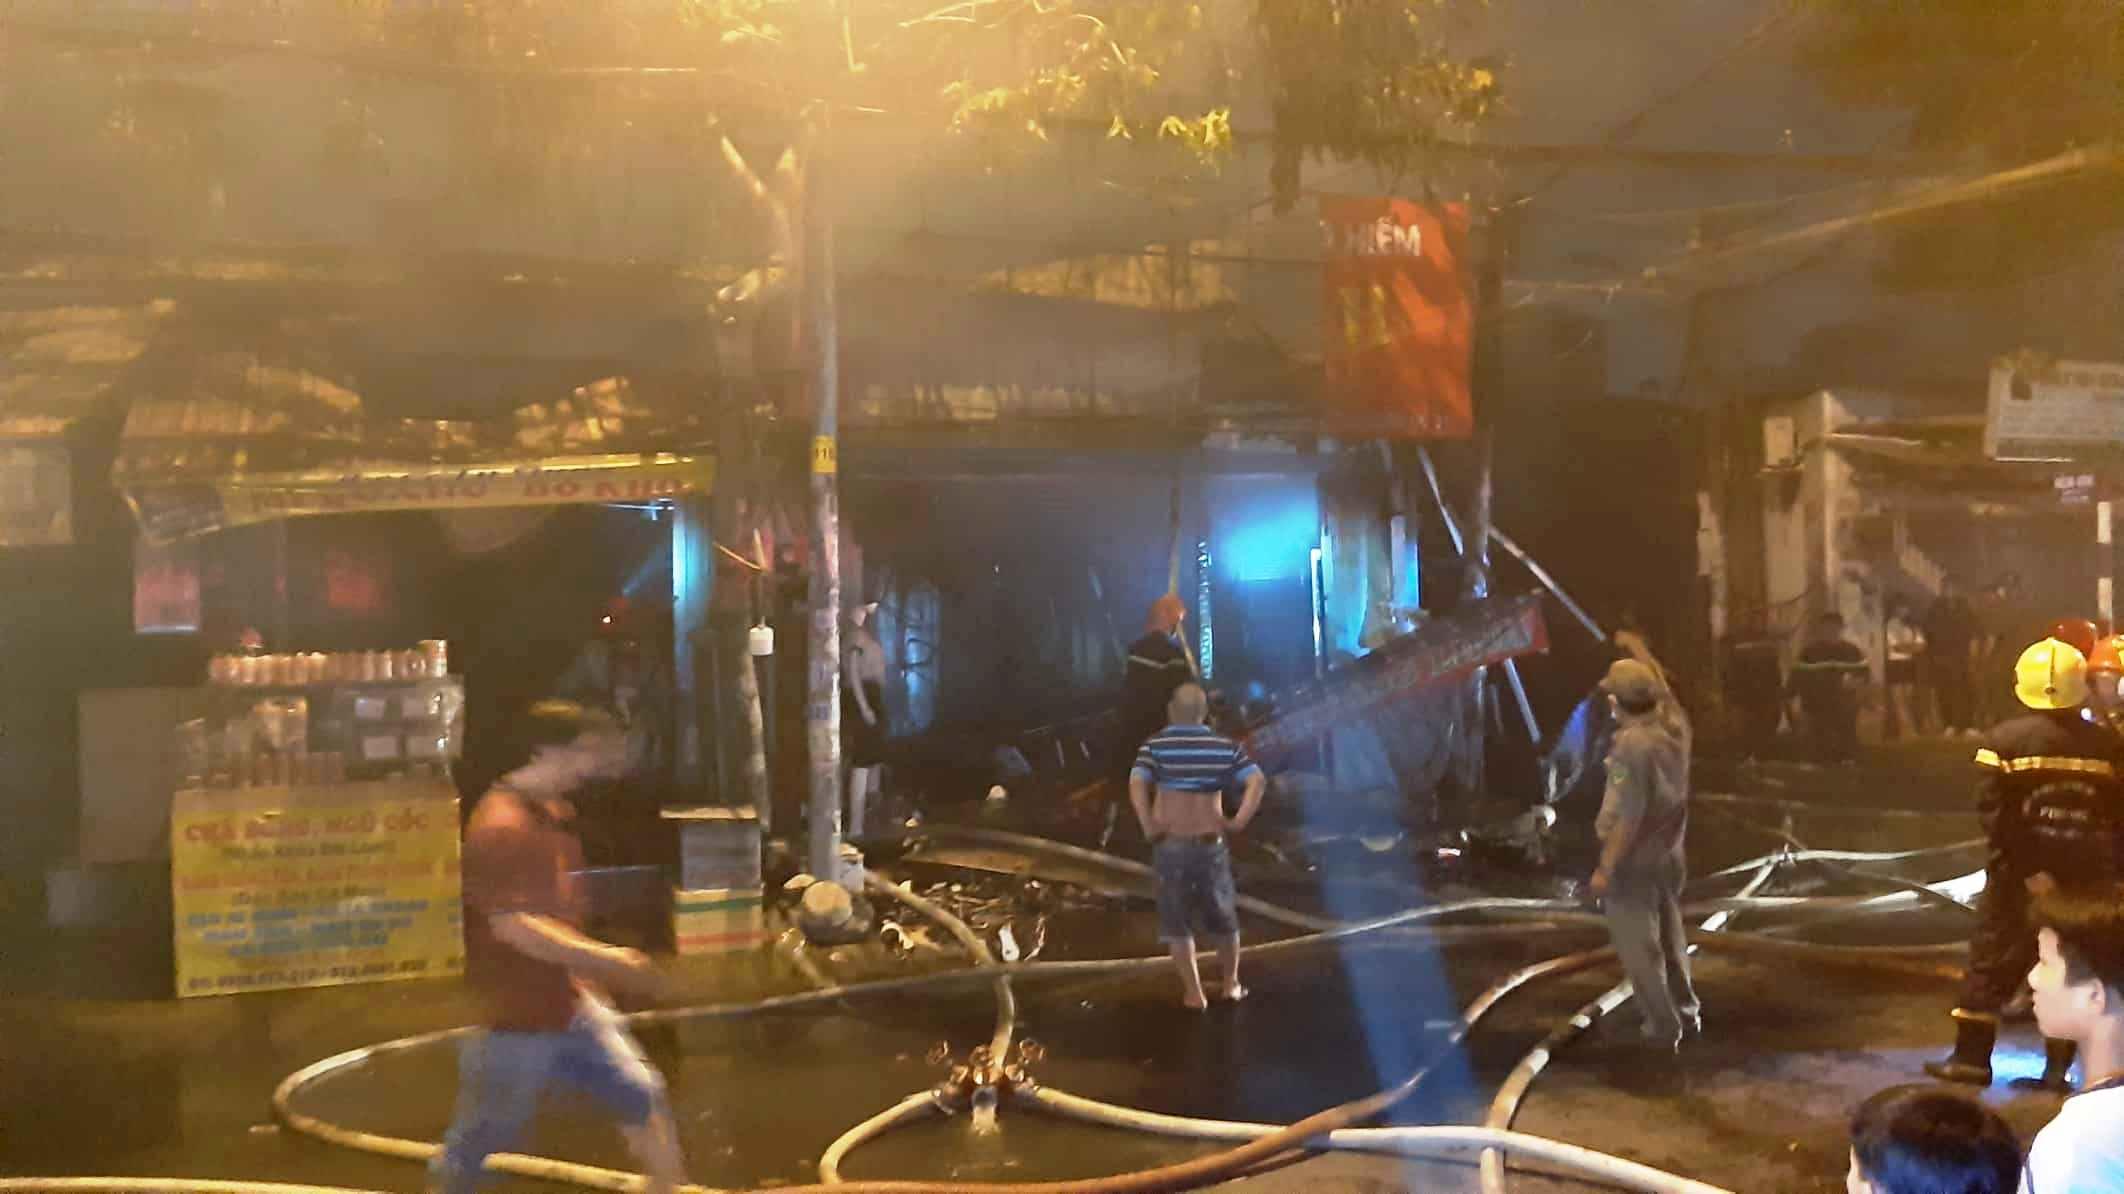 """""""Biển lửa"""" nhấn chìm 9 ki ốt ở Sài Gòn, nhiều tài sản thành tro - 4"""